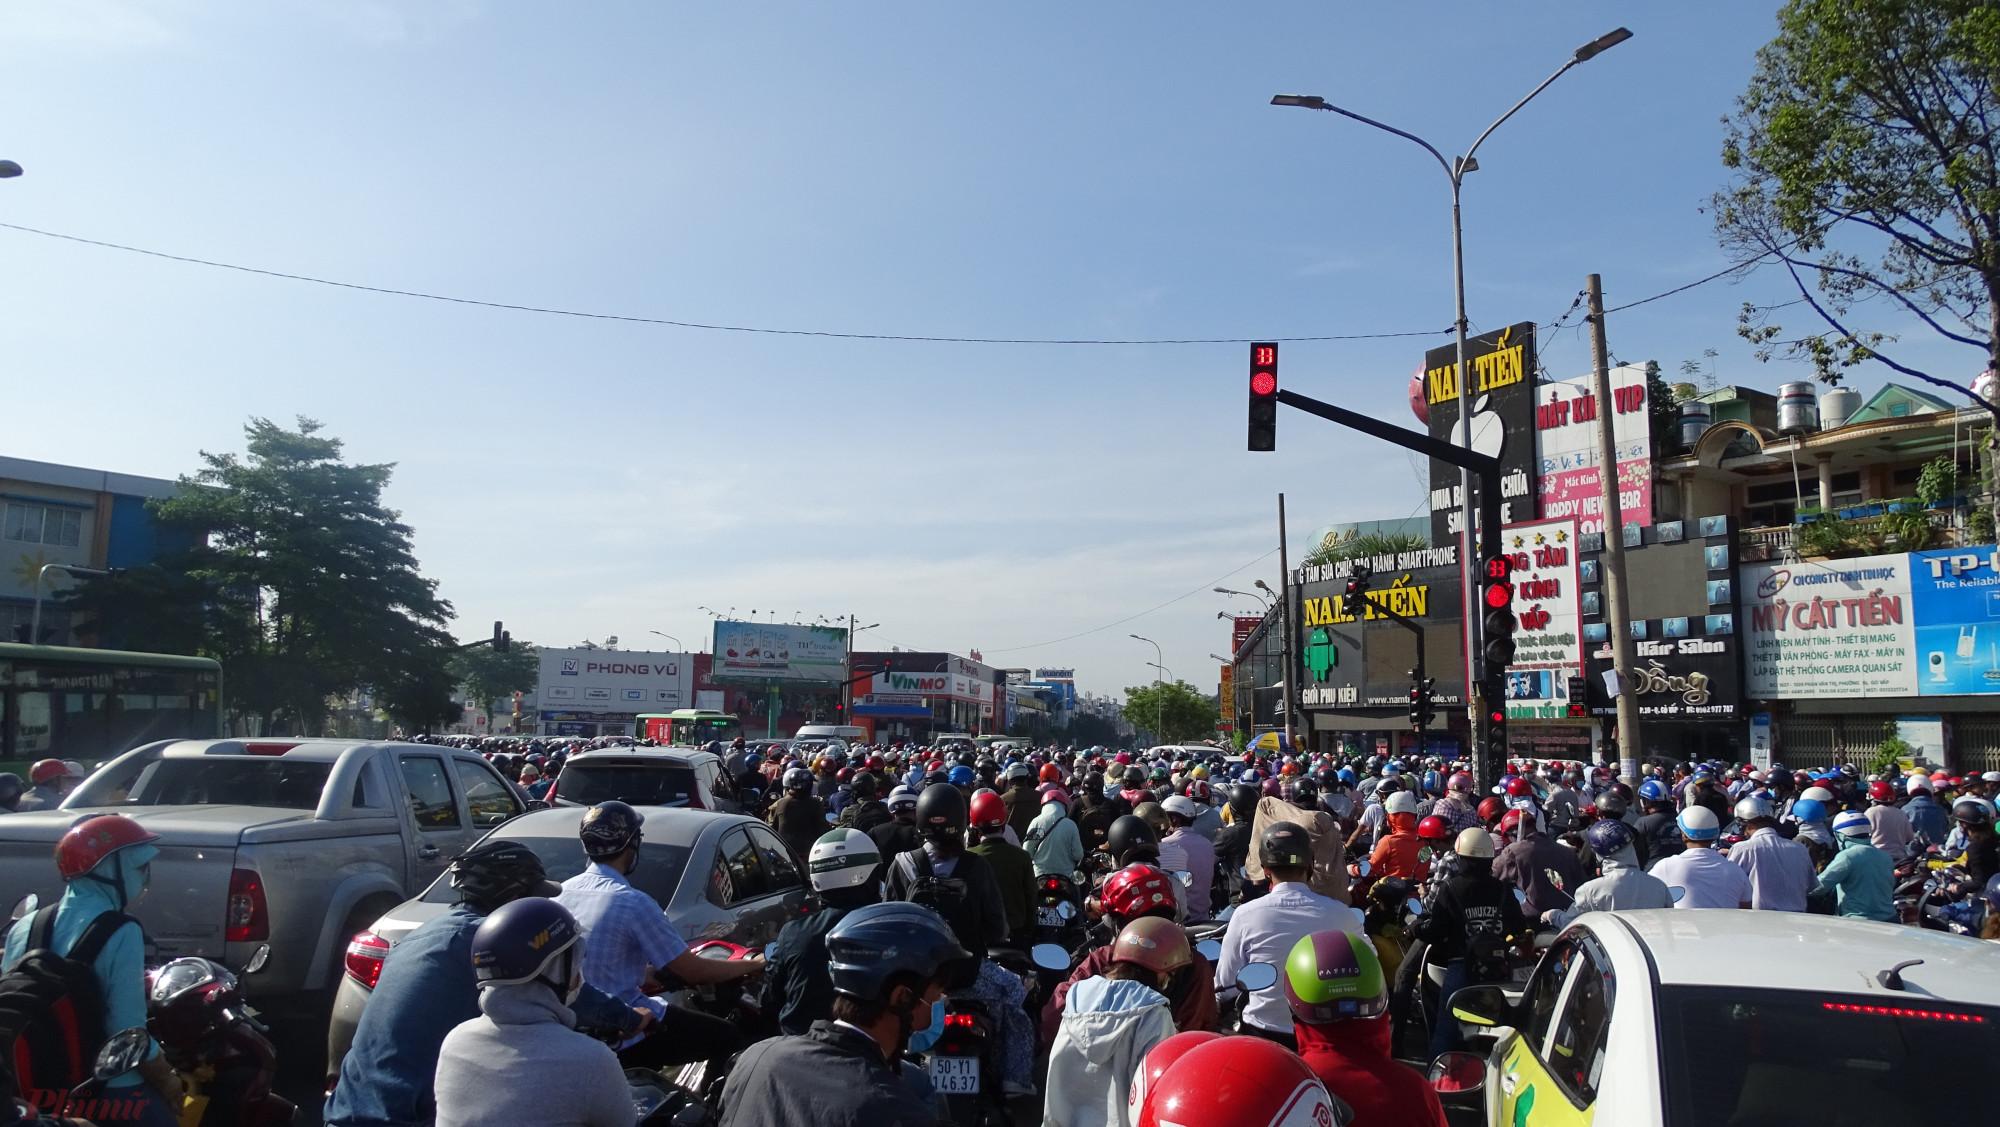 Cảnh kẹt xe khủng khiếp ở Sài Gòn vào những ngày gần Tết Nguyên Đán 2020. Ảnh: Hoàng Nhiên.